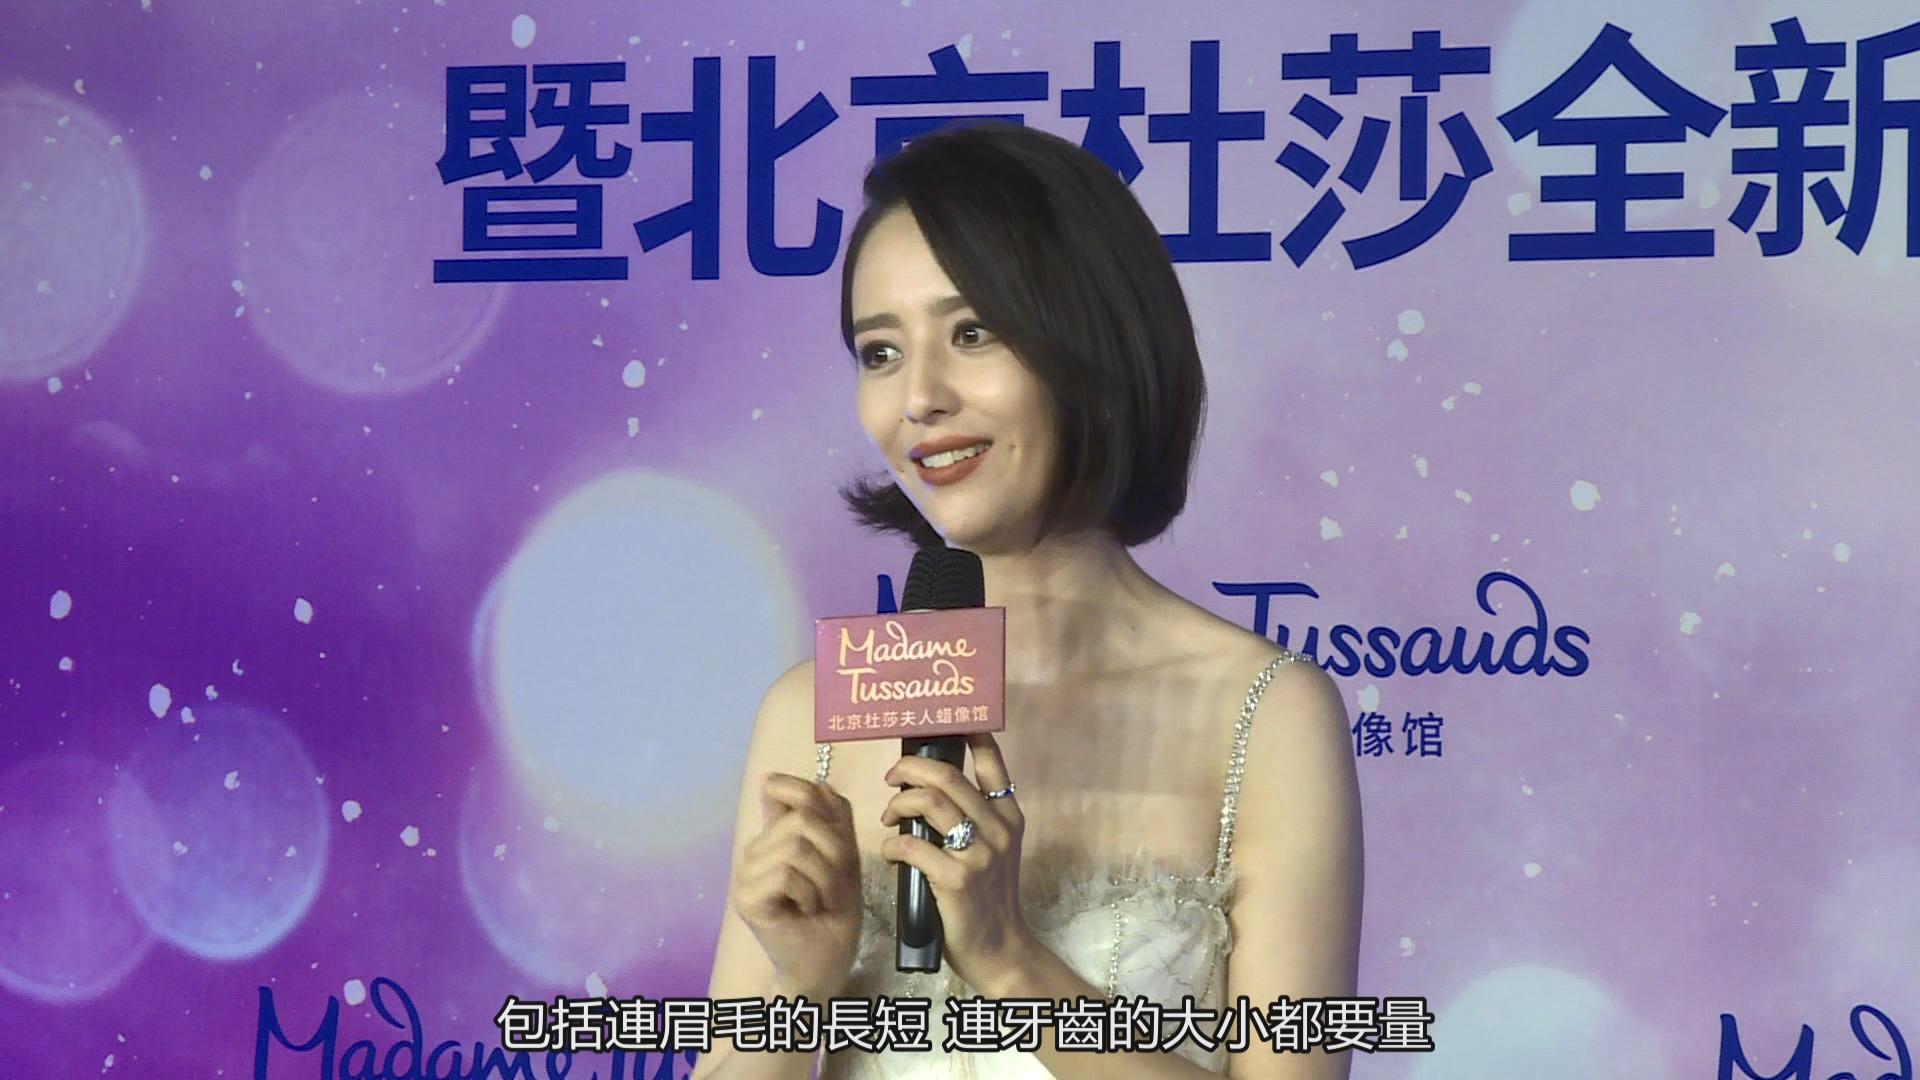 佟麗婭入駐北京杜莎夫人蠟像館 分享首次出演喜劇感悟